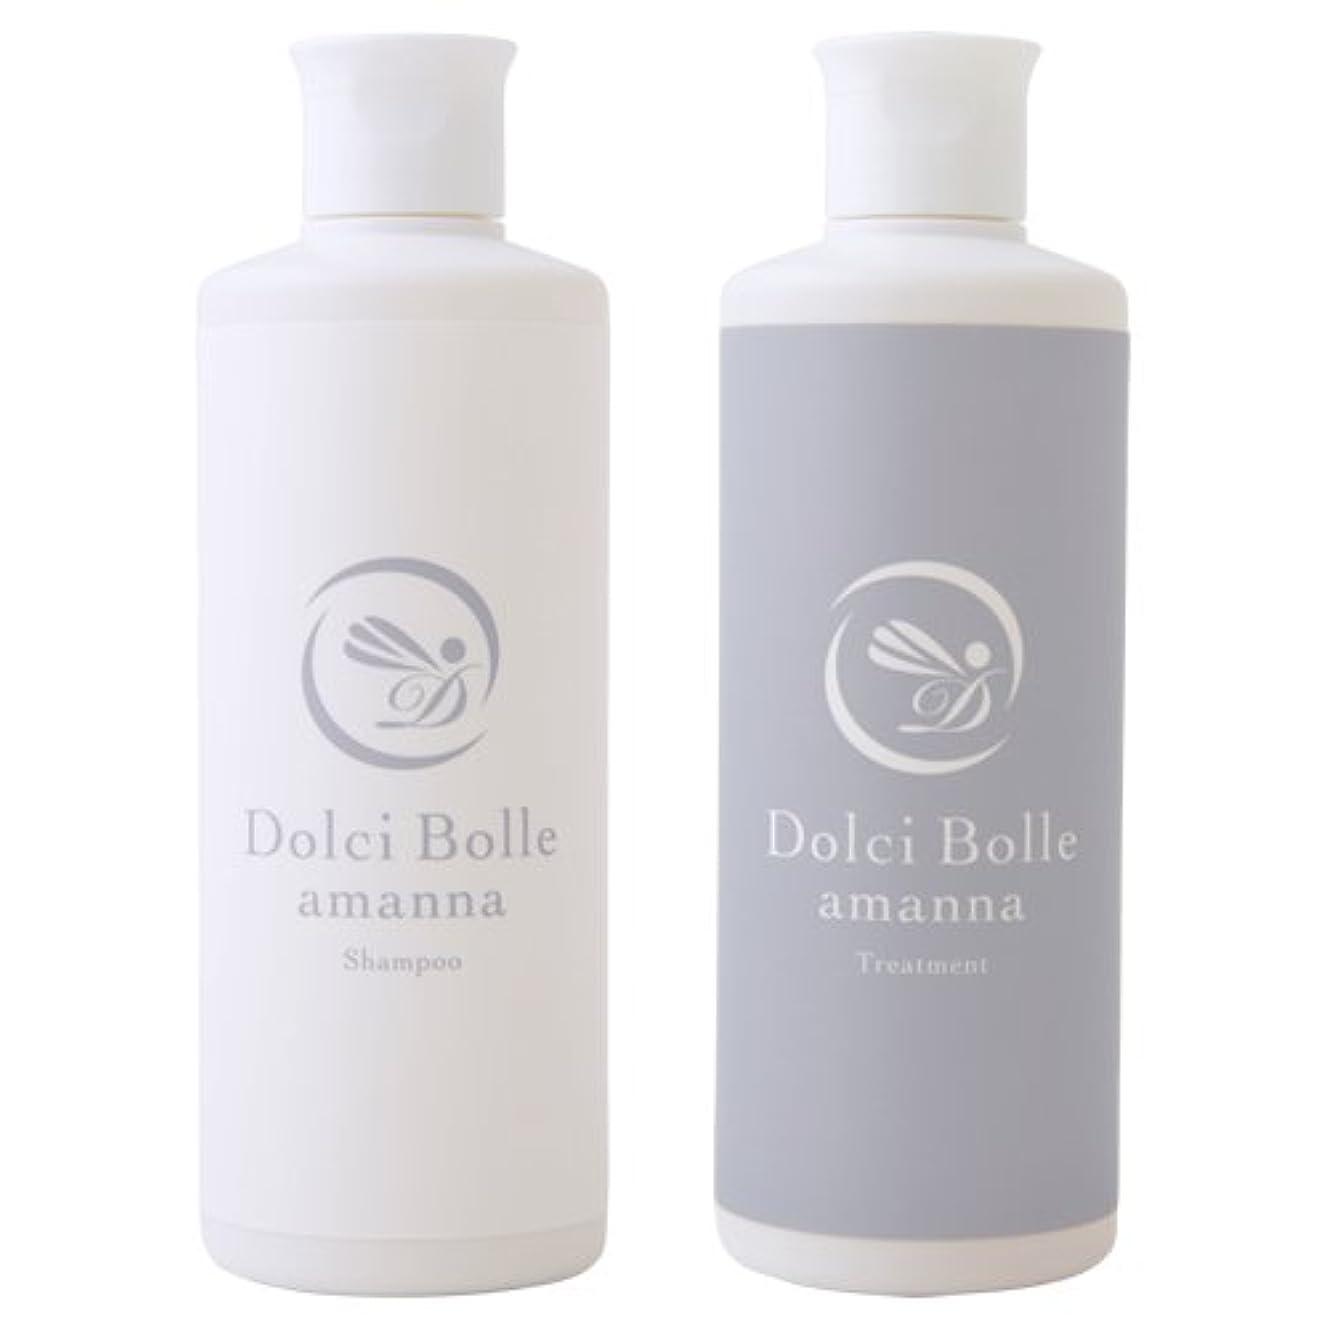 年金苦しみ放射能Dolci Bolle(ドルチボーレ) amanna(アマンナ) シャンプー&トリートメントセット 各300ml